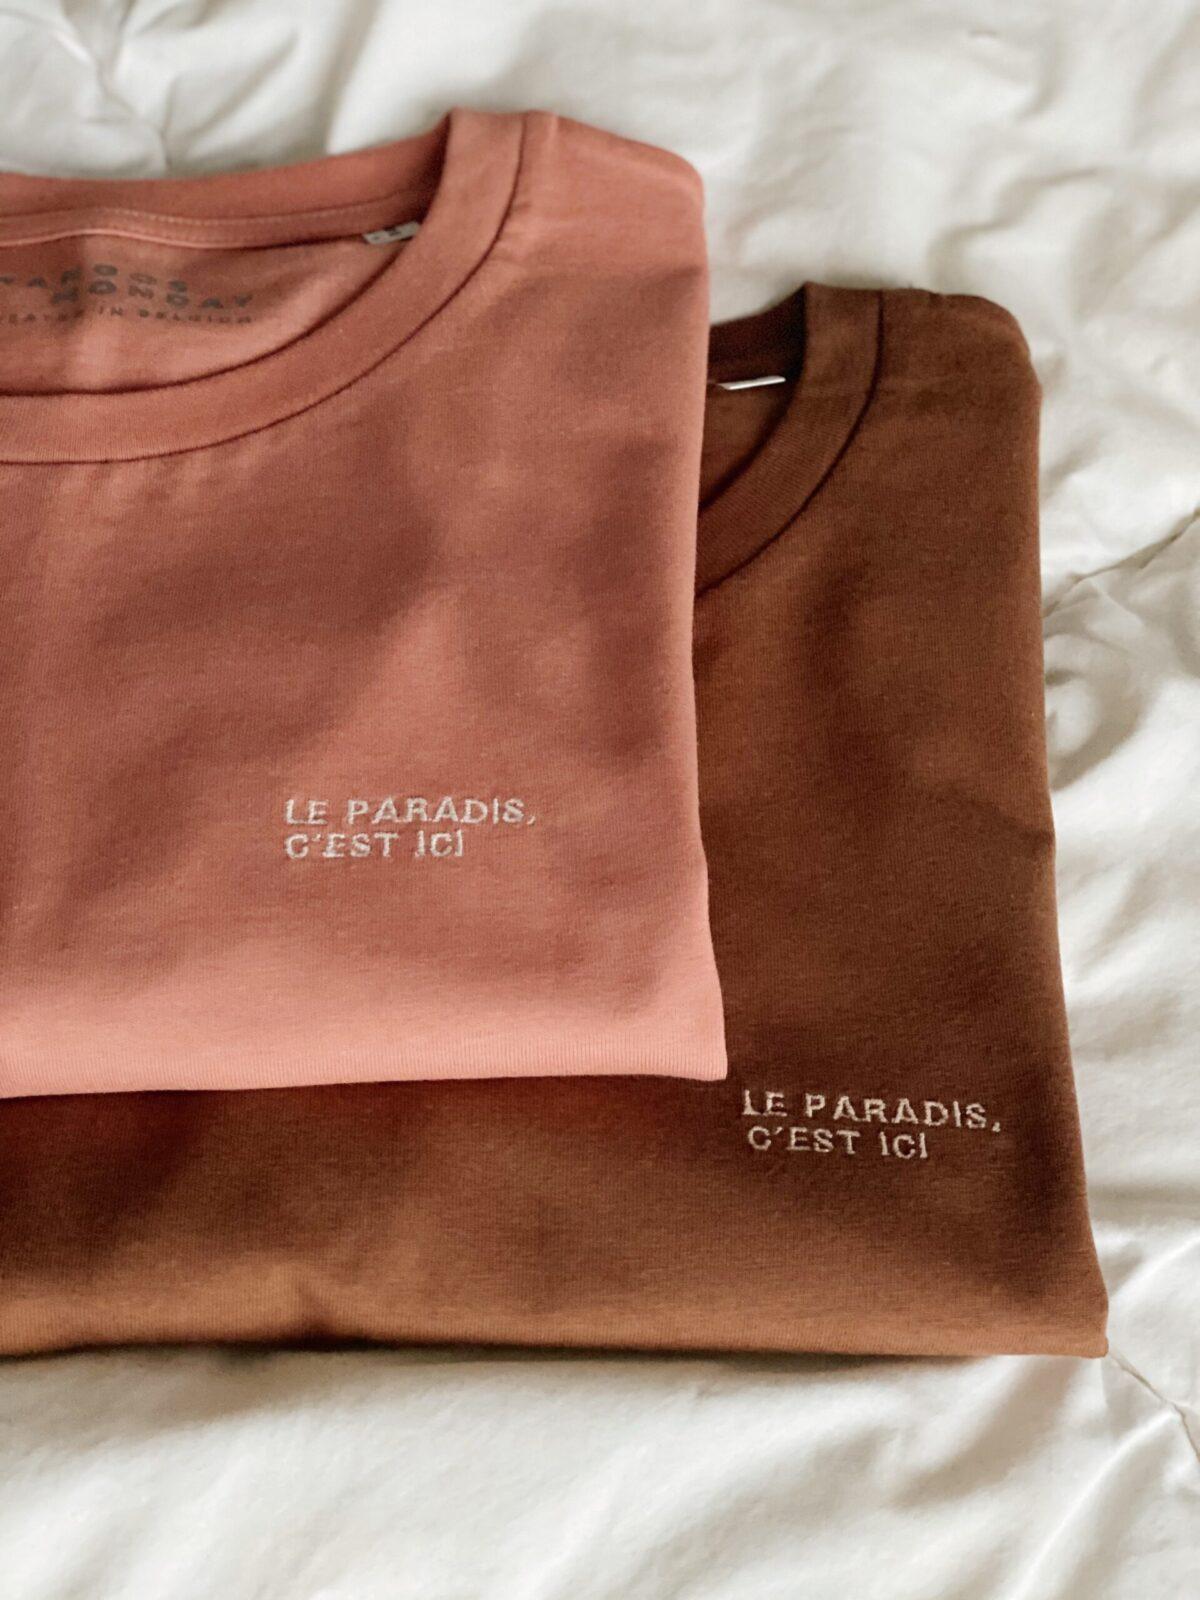 Le paradis, c'est ici t-shirt by Mangos on Monday